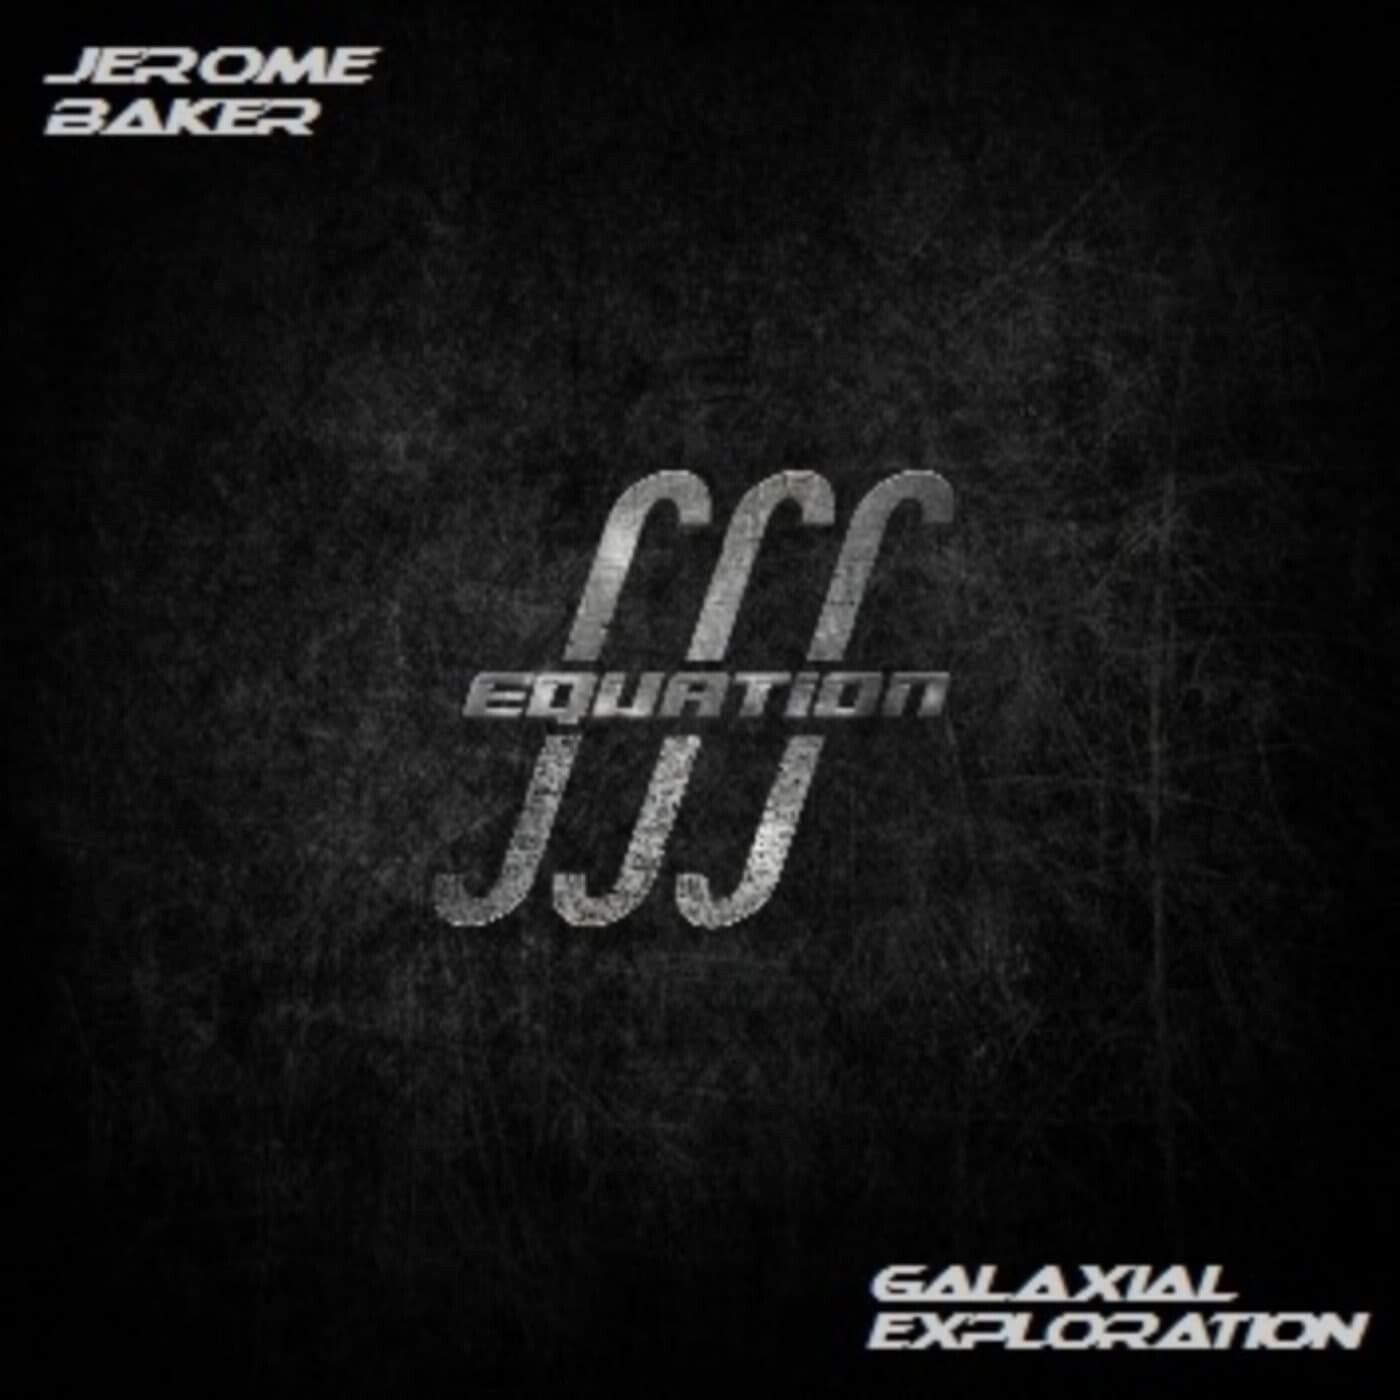 Galaxial Exploration (Original Mix)